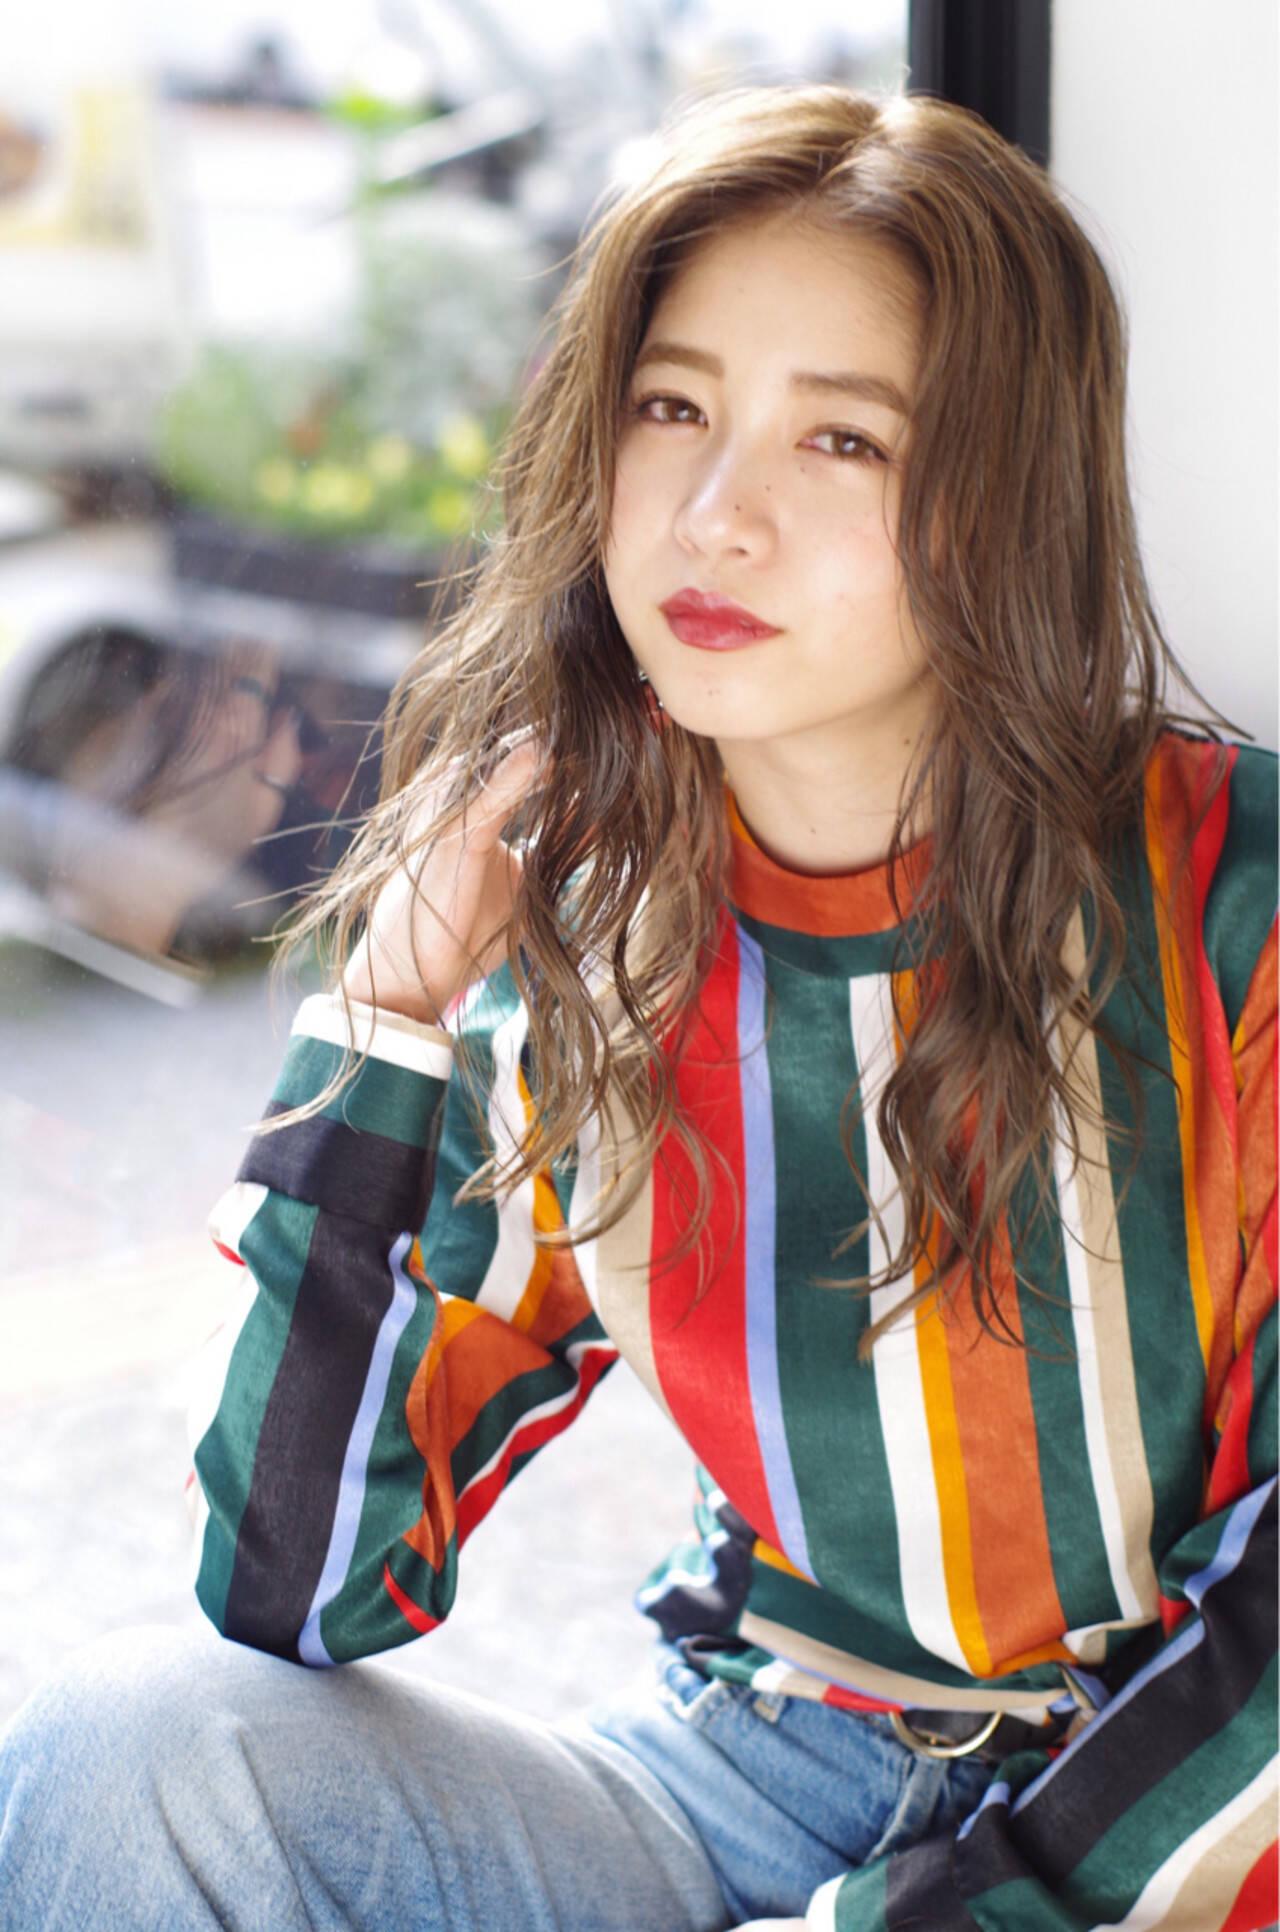 波ウェーブ 外国人風 アンニュイ ウェーブヘアスタイルや髪型の写真・画像